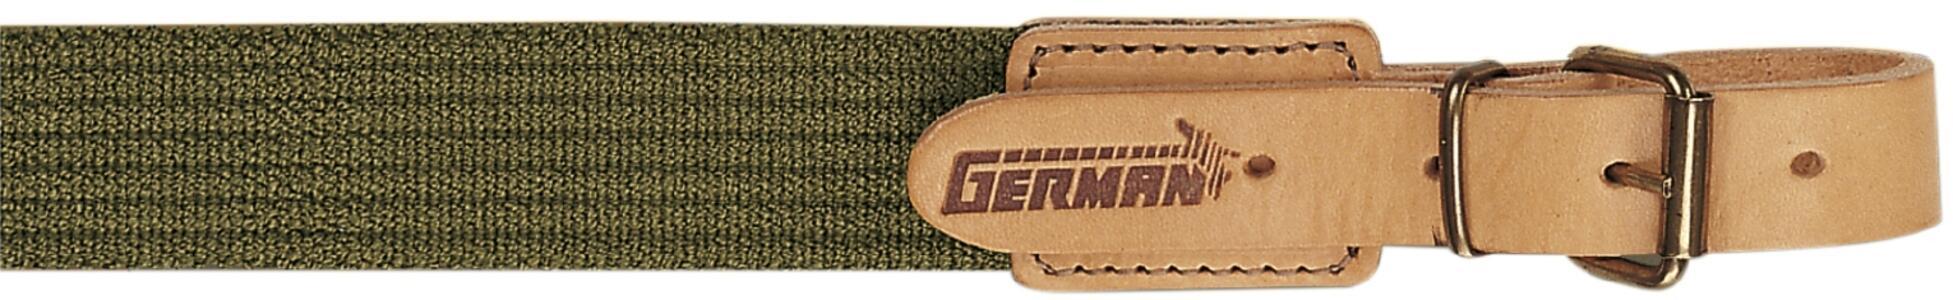 Bretella per fucile in tessuto elastico rigato colore verde militare mm.30